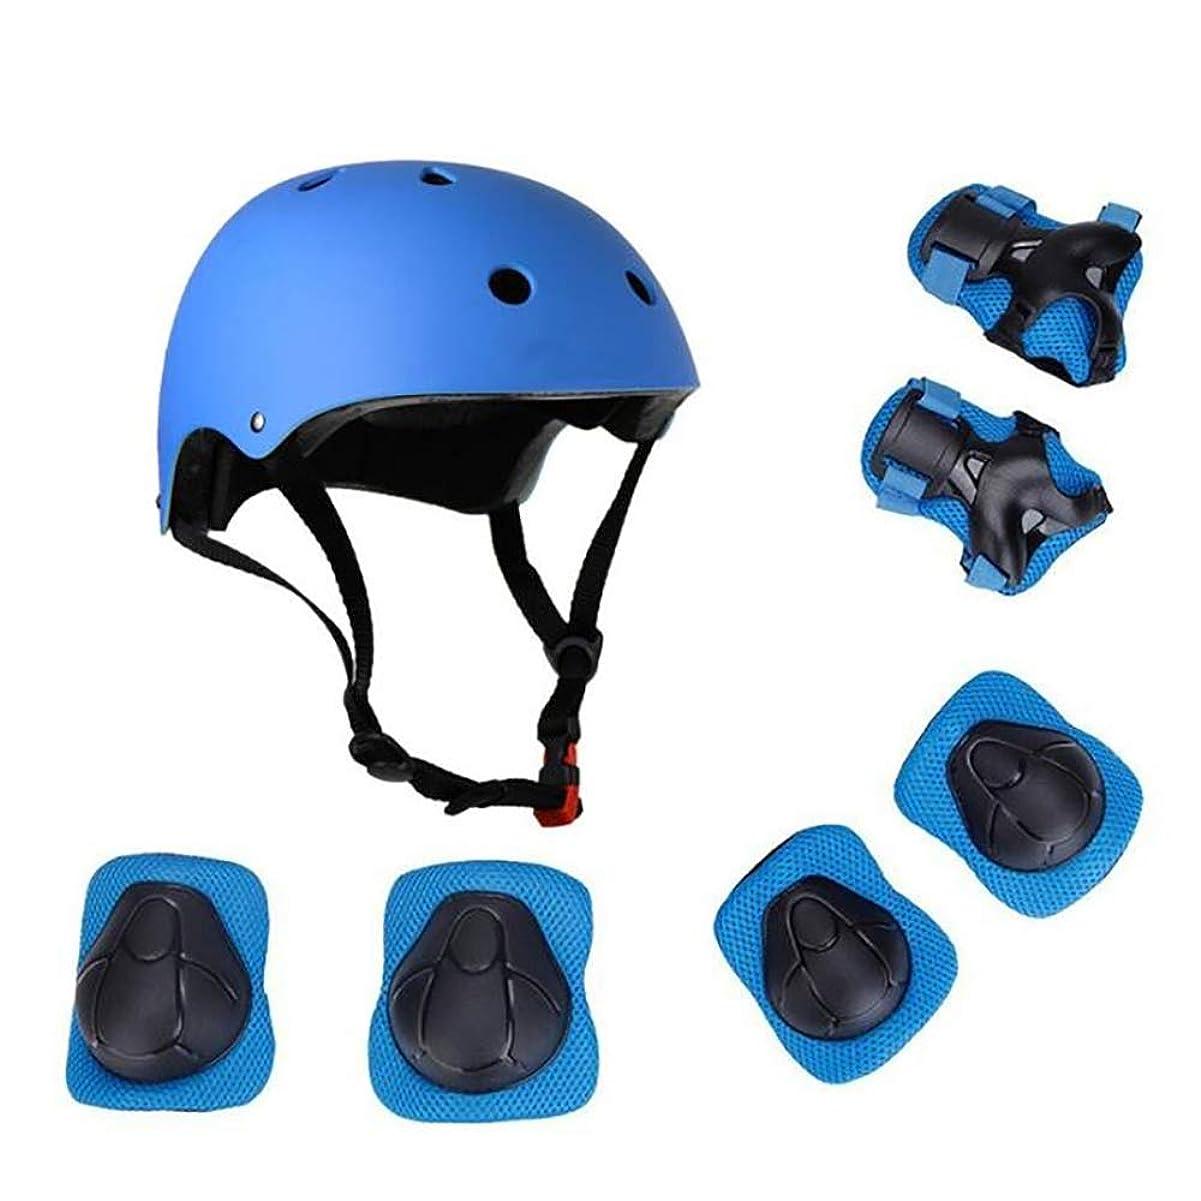 最初に膨らみ舗装する乗馬肘リストバンド子供のヘルメット黒スーツ膝当て7ピースセットローラースケート保護ギアBAAYD保護フルスケートボードスケートバランスバイク